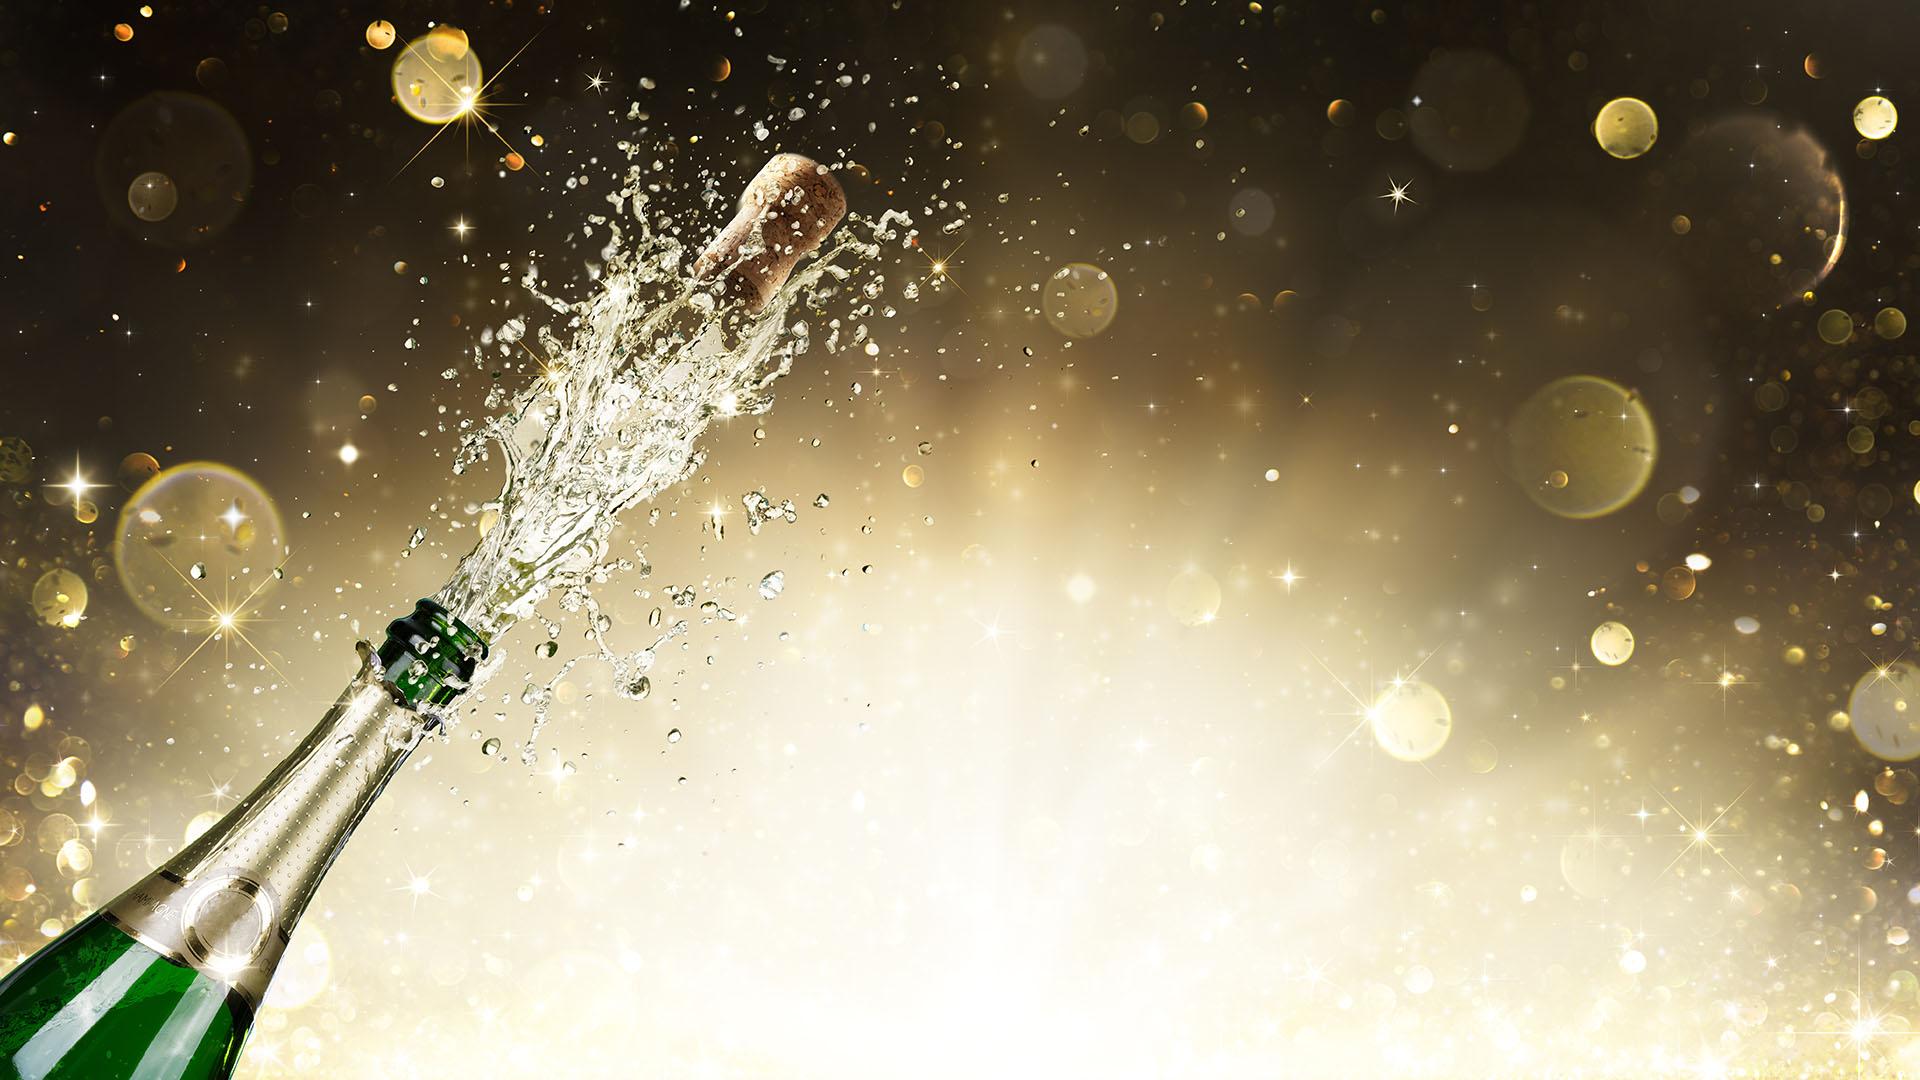 Al destapar una botella el corcho puede alcanzar velocidades de hasta 80 kilómetros por hora (Getty)